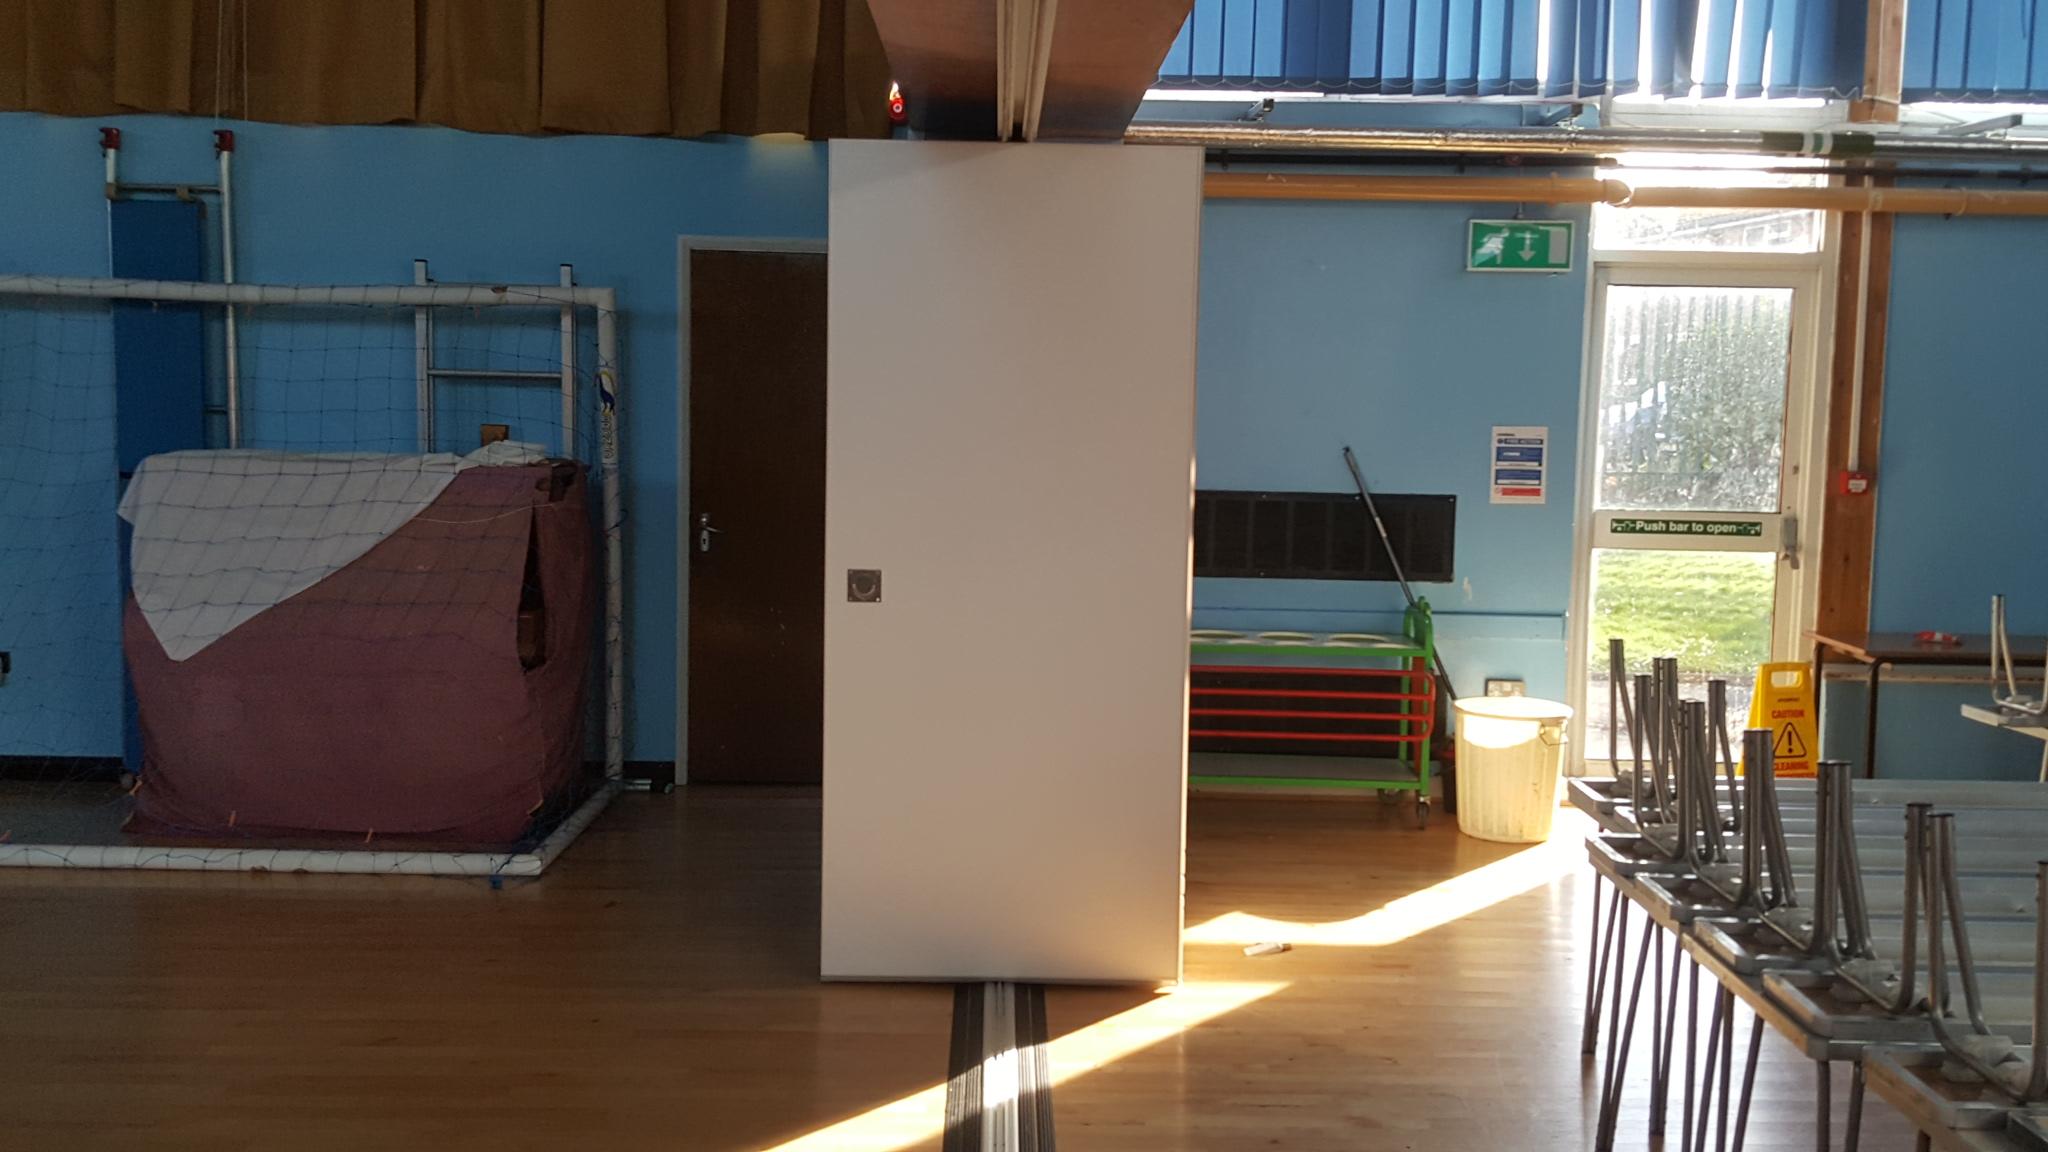 School Gym Sliding Wall